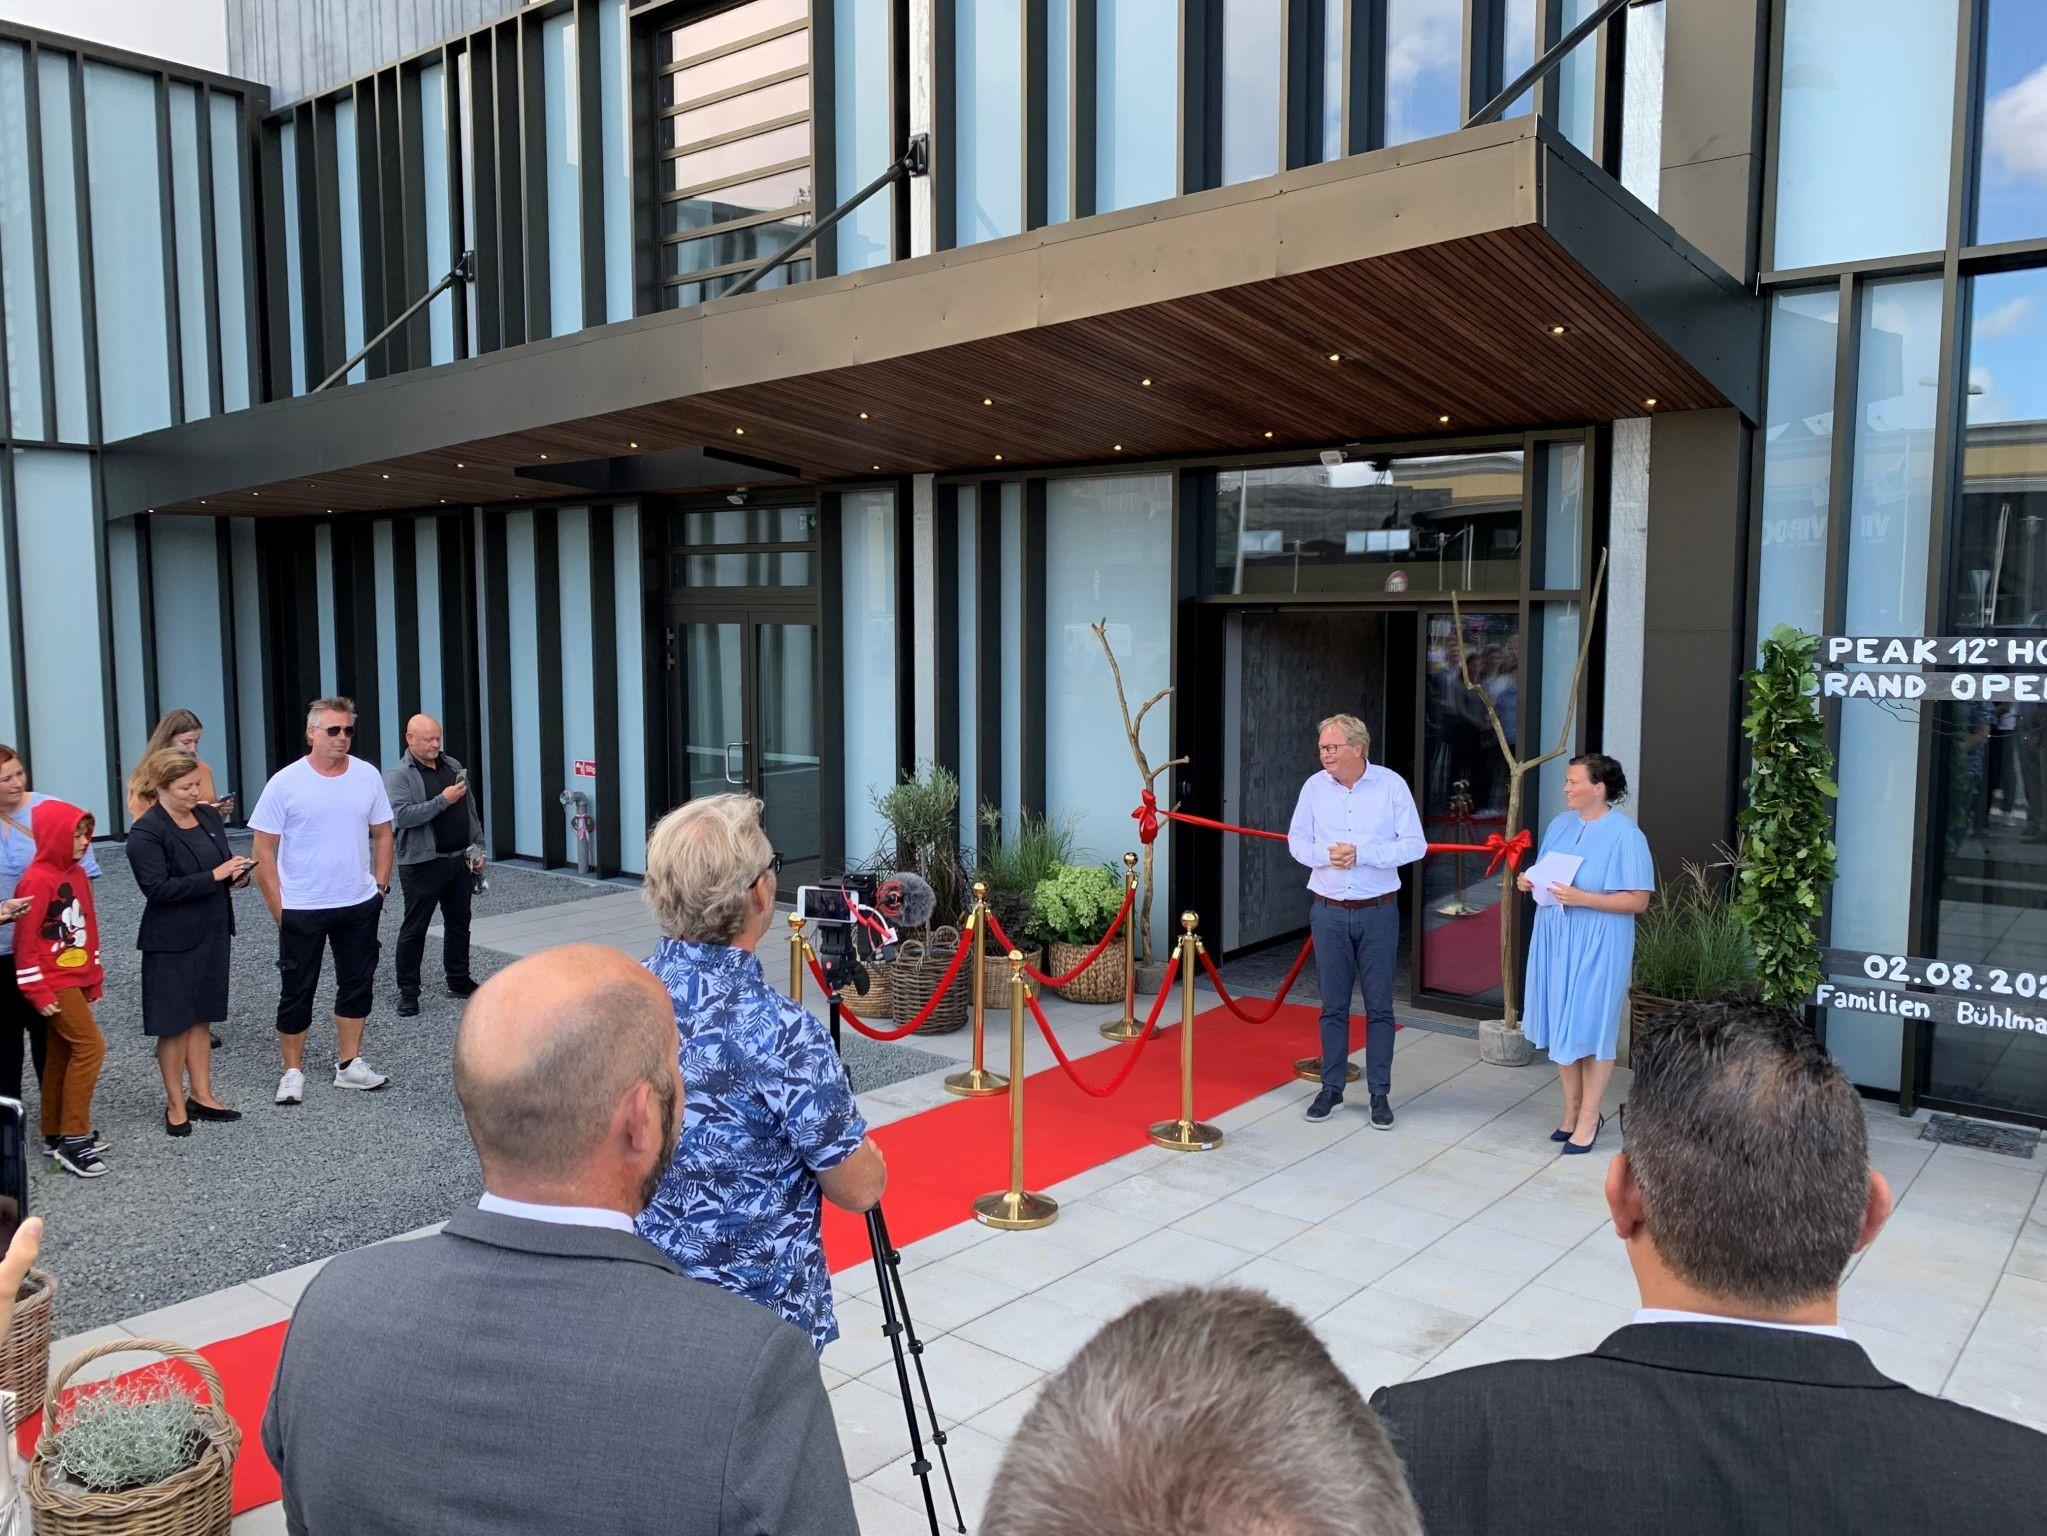 Viborgs borgmester, Ulrik Wilbek, holder åbningstale ved ibrugtagningen af Peak 12-hotellet mandag. Linkedinfoto fra VisitAarhusregionen.